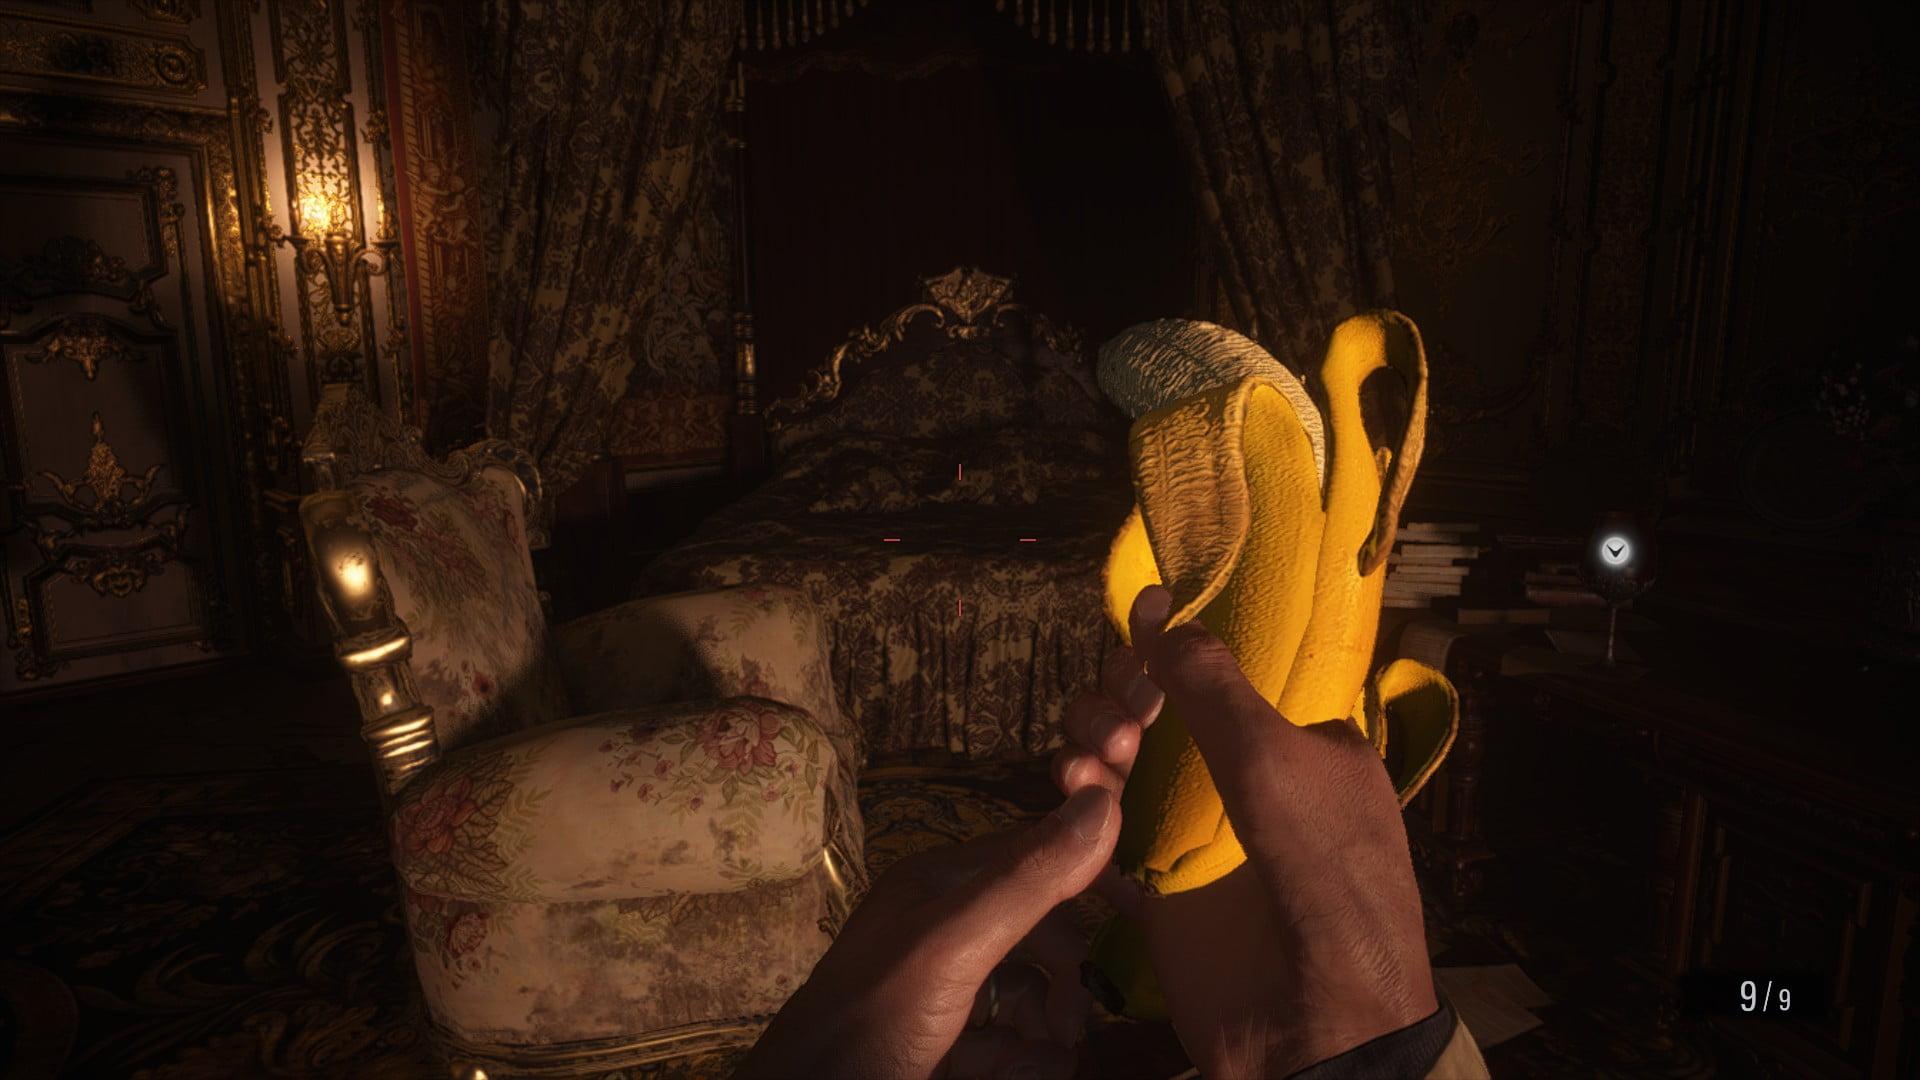 دانلود مد Banana Gun and Spoon Knife برای بازی Resident Evil Village